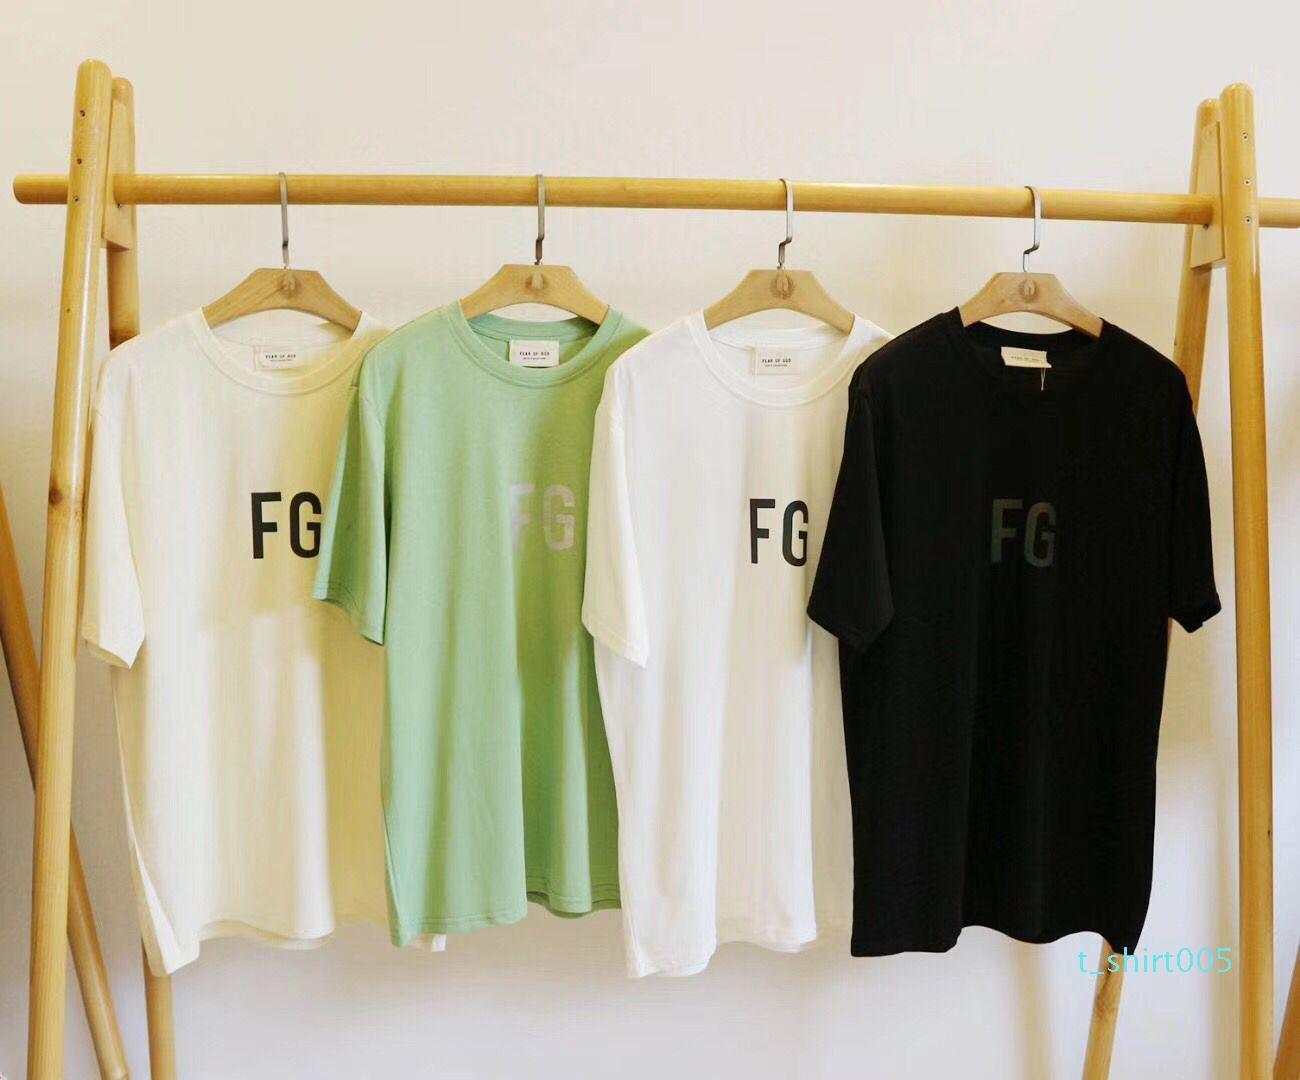 Allah Tişört Essentials 3M Yansıtıcı Hip Hop Streetwear Yaz Tee Tasarımcı Gömlek Erkekler Gömlek Kanye West Unisex SİS Korku Çiftler z844S Tops